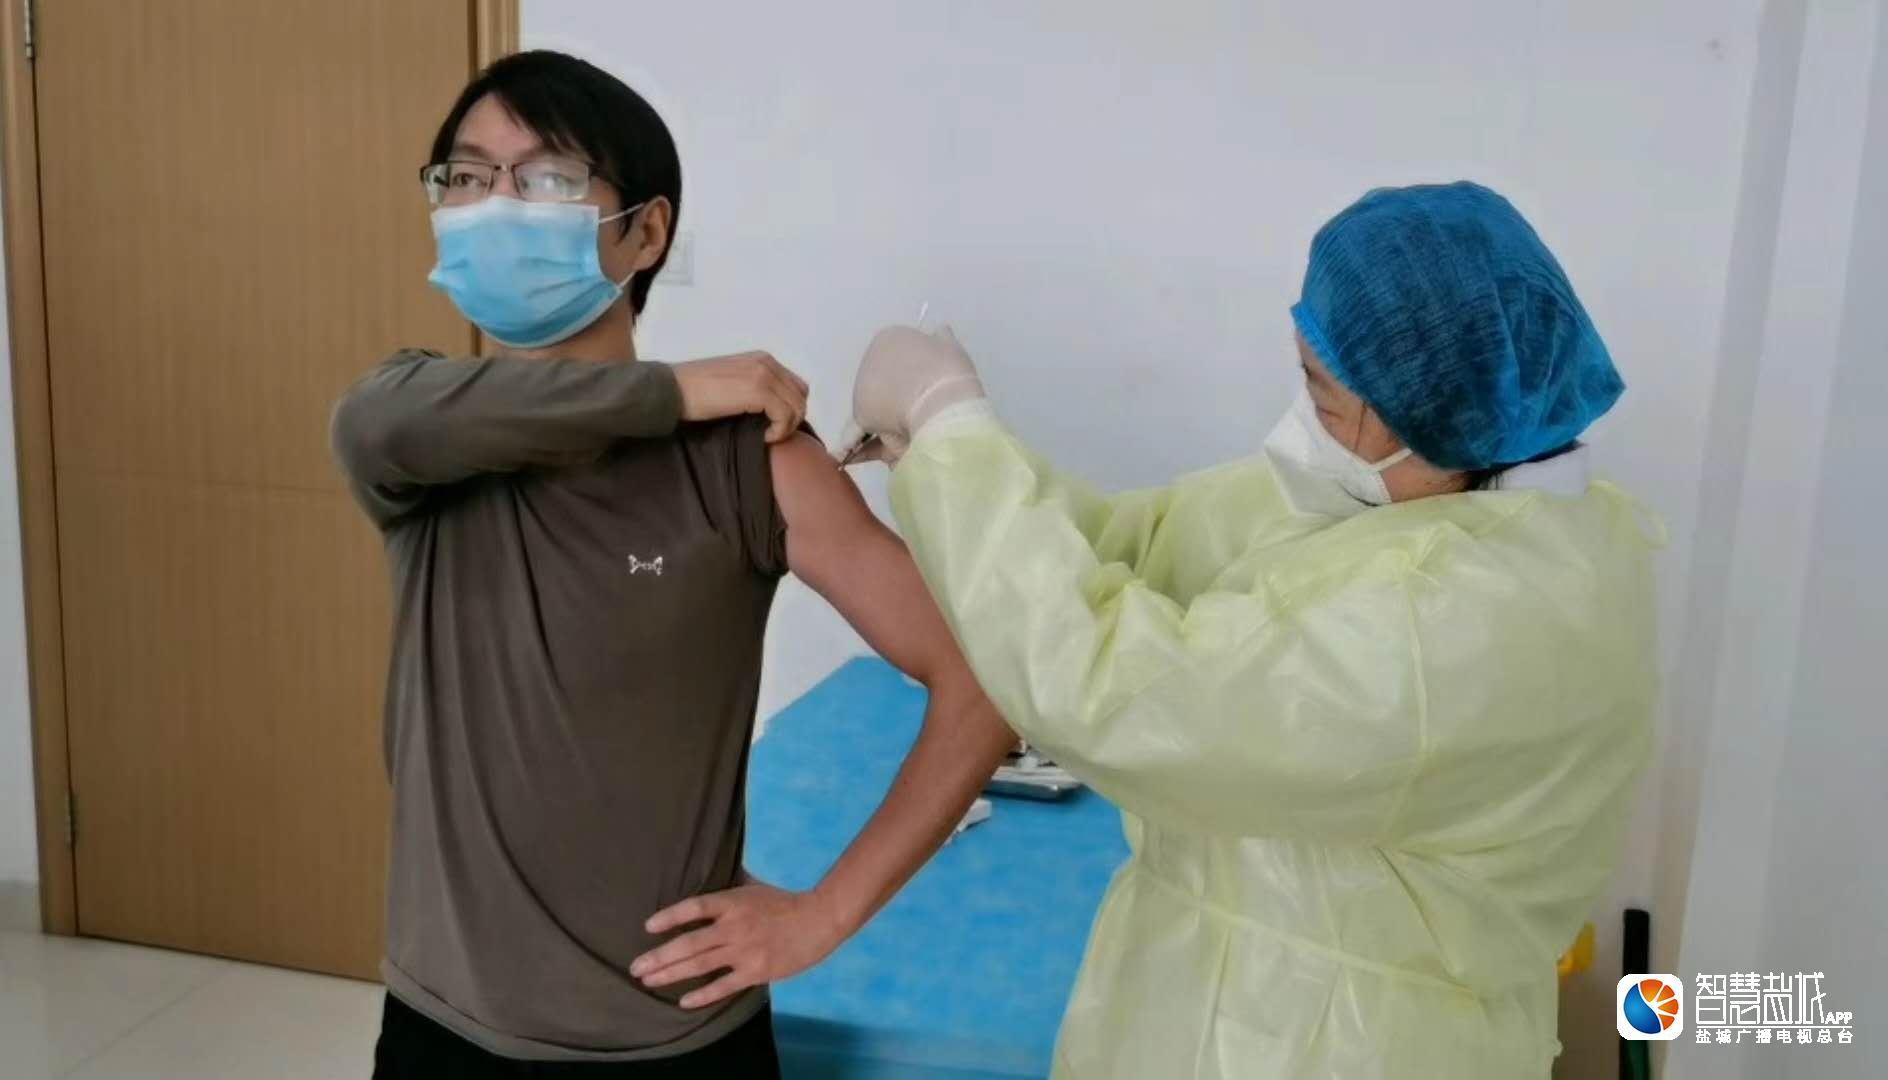 新冠疫苗志愿者:身体正常 抗议标题党断章取义报道